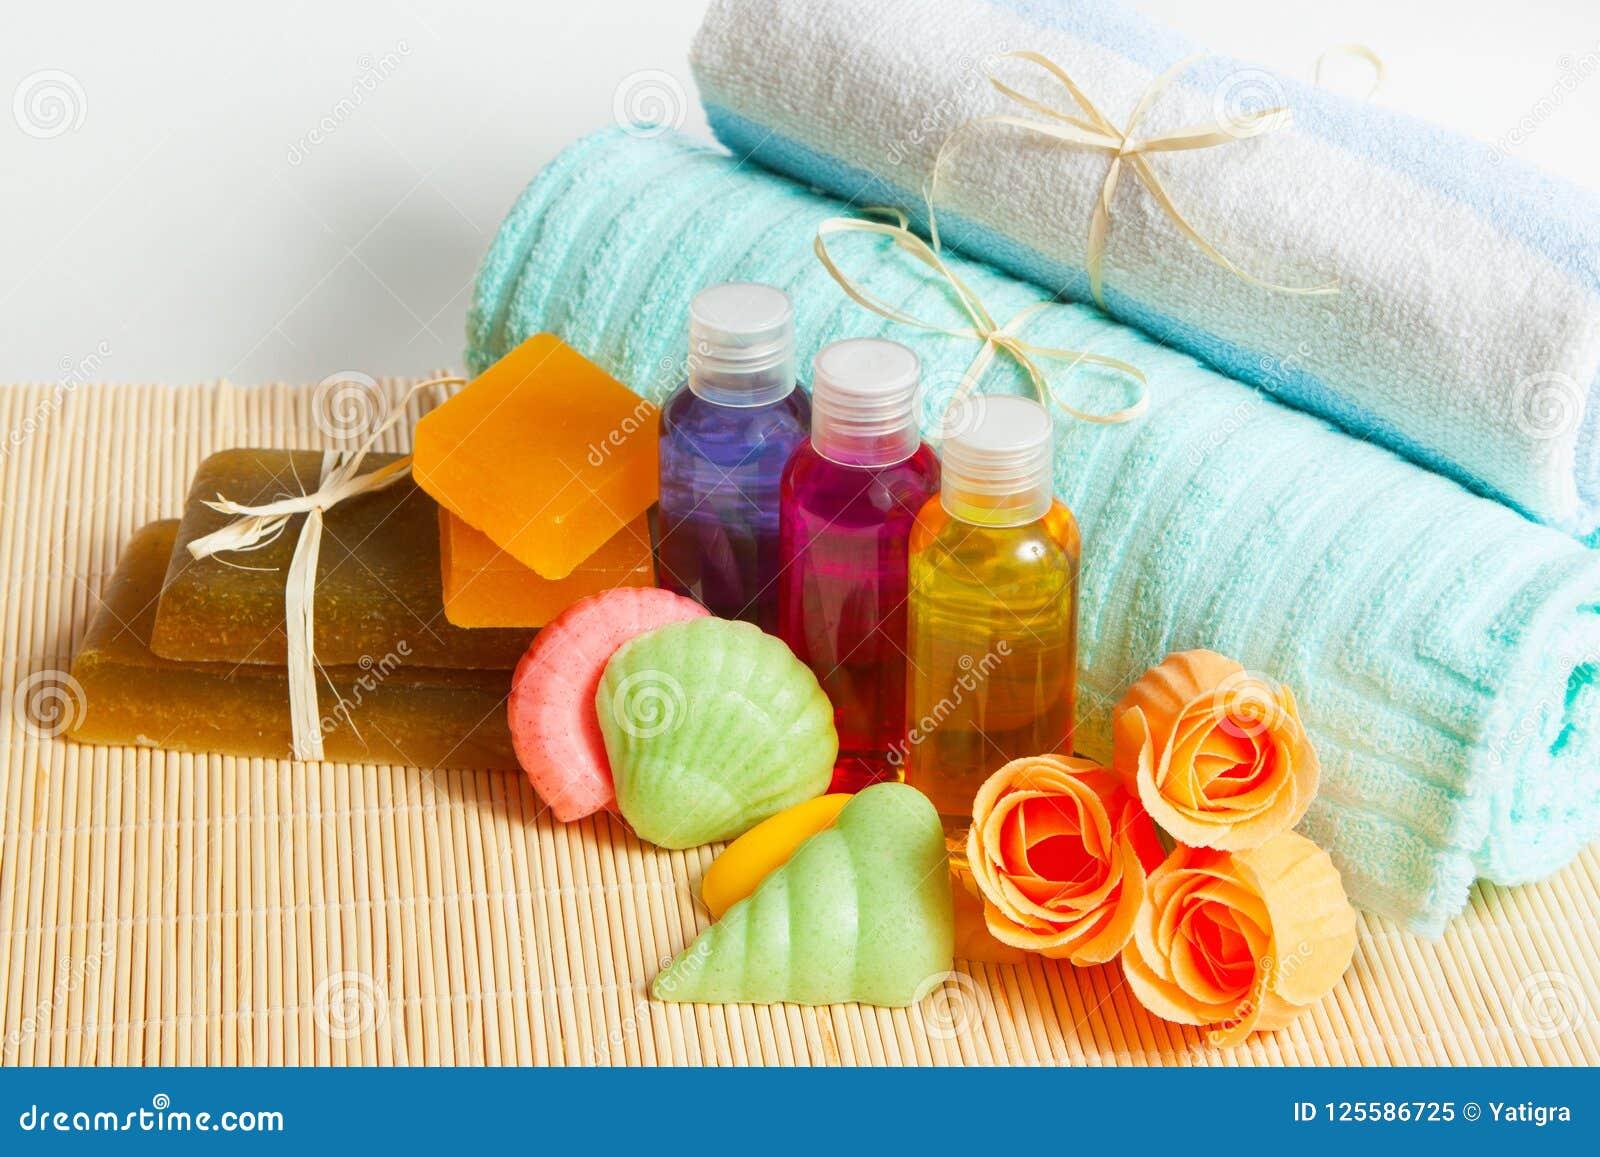 Zeep, shampoo en bevochtigend douchegel met een handdoek, badtoebehoren